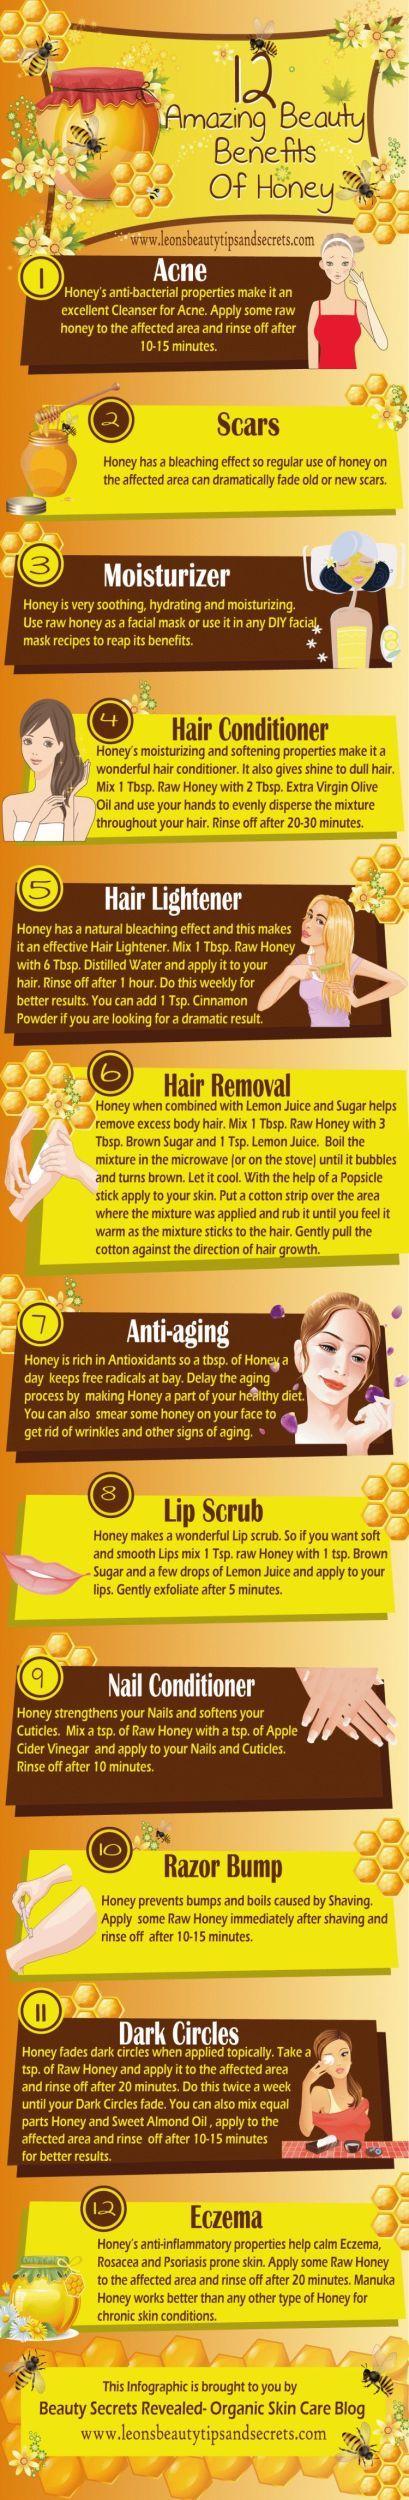 Sweet! 12 Amazing Beauty Benefits Of Honey